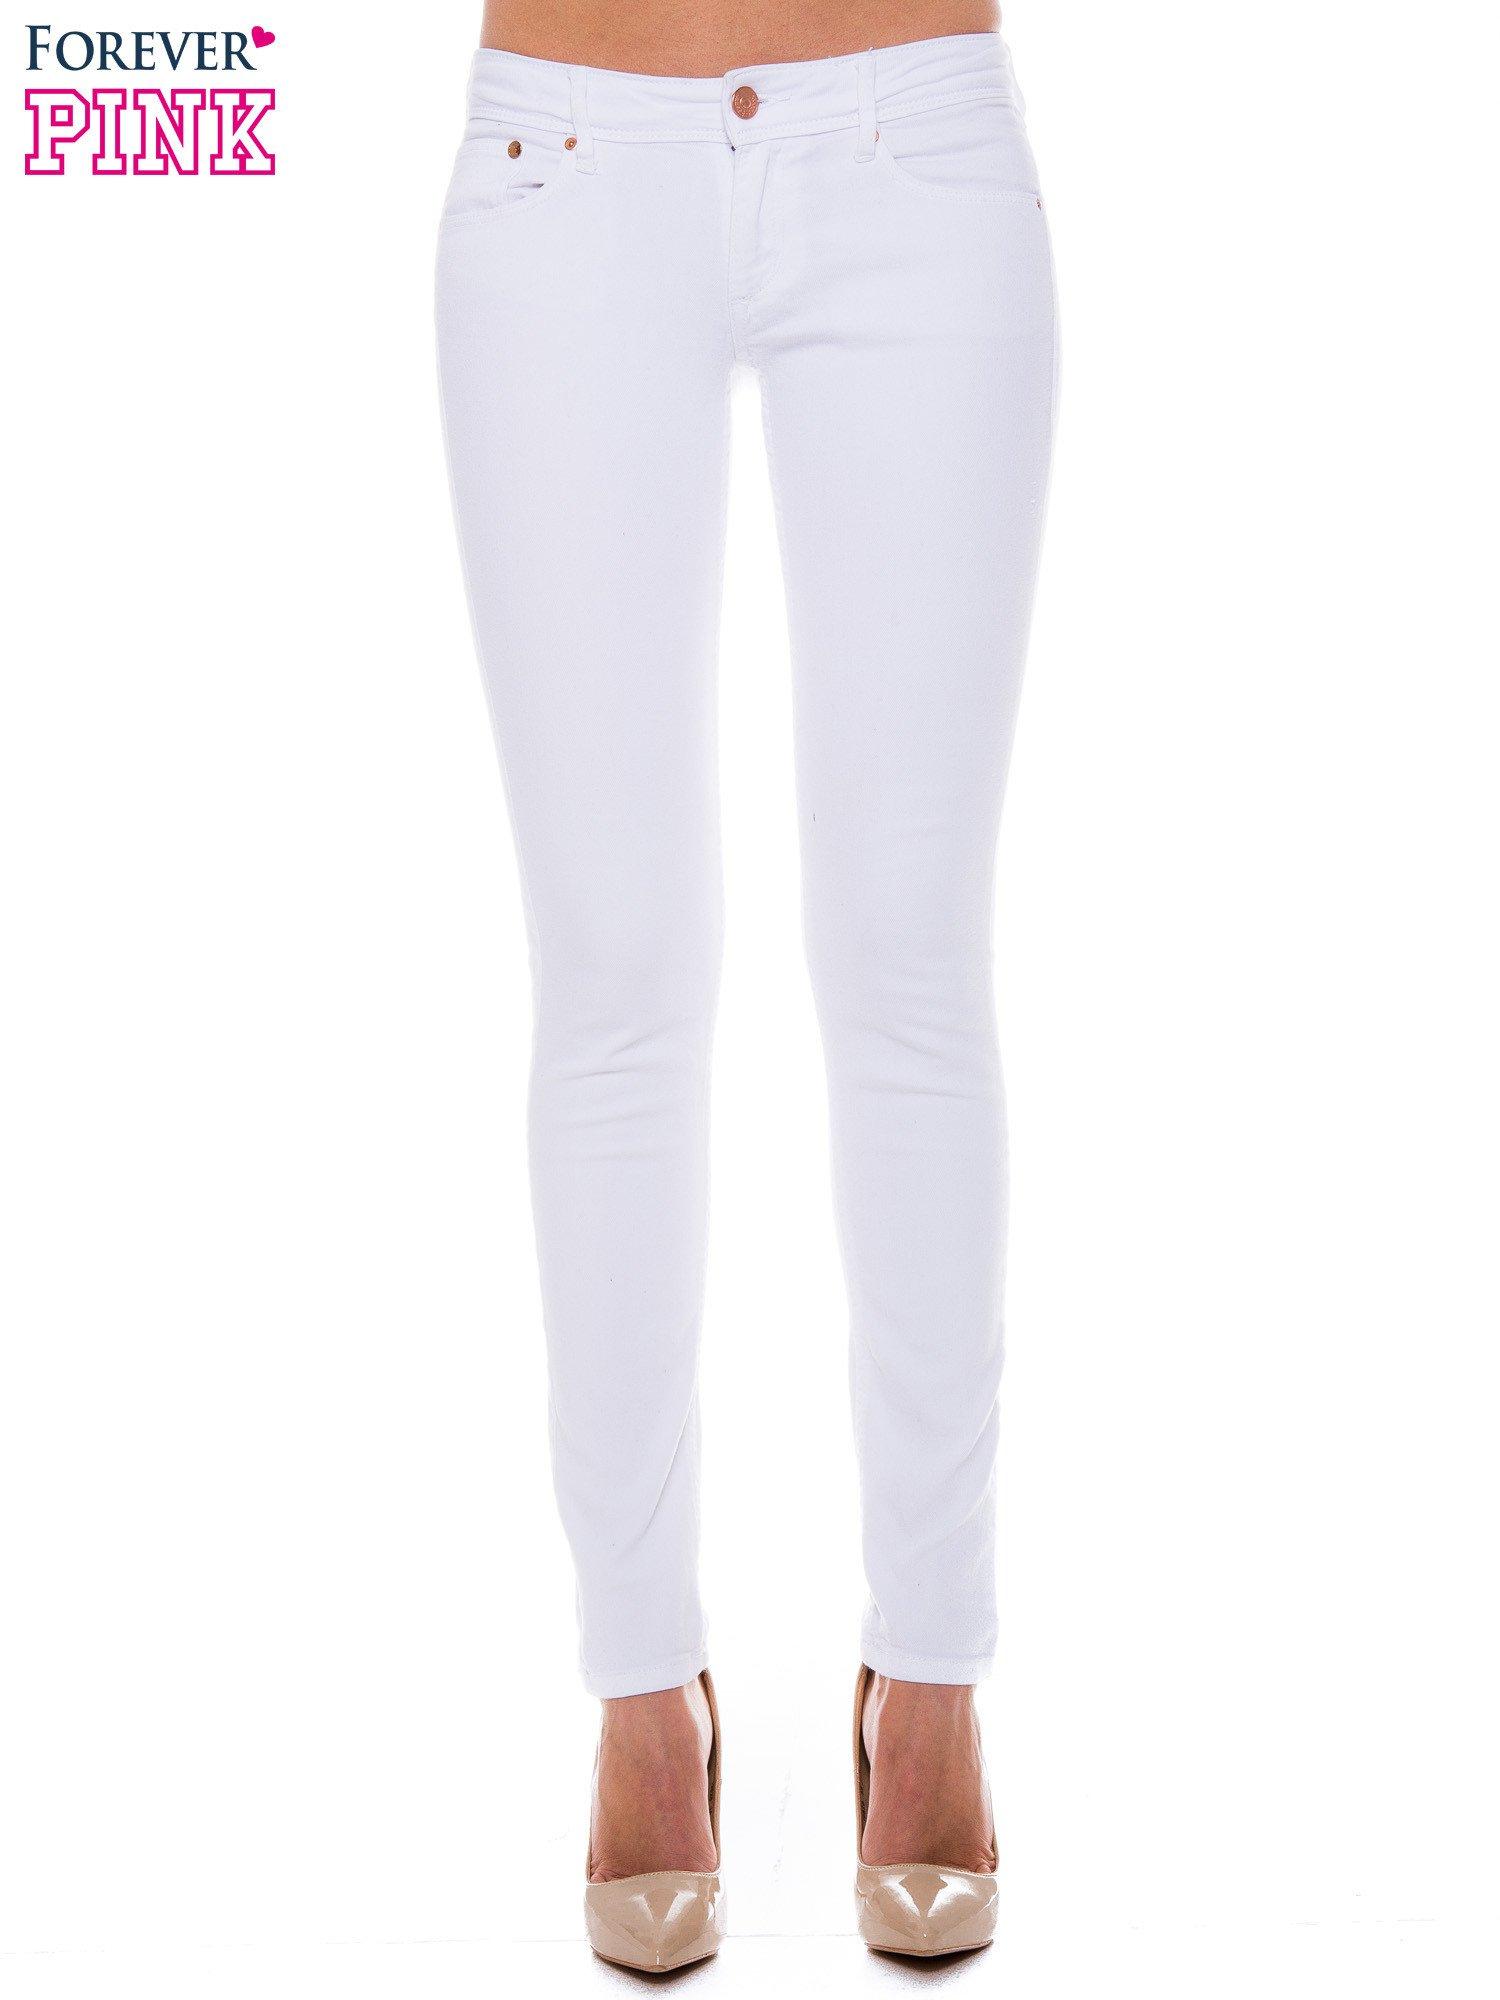 967f7feb3d Białe spodnie jeansowe typu rurki - Spodnie jeansowe - sklep eButik.pl